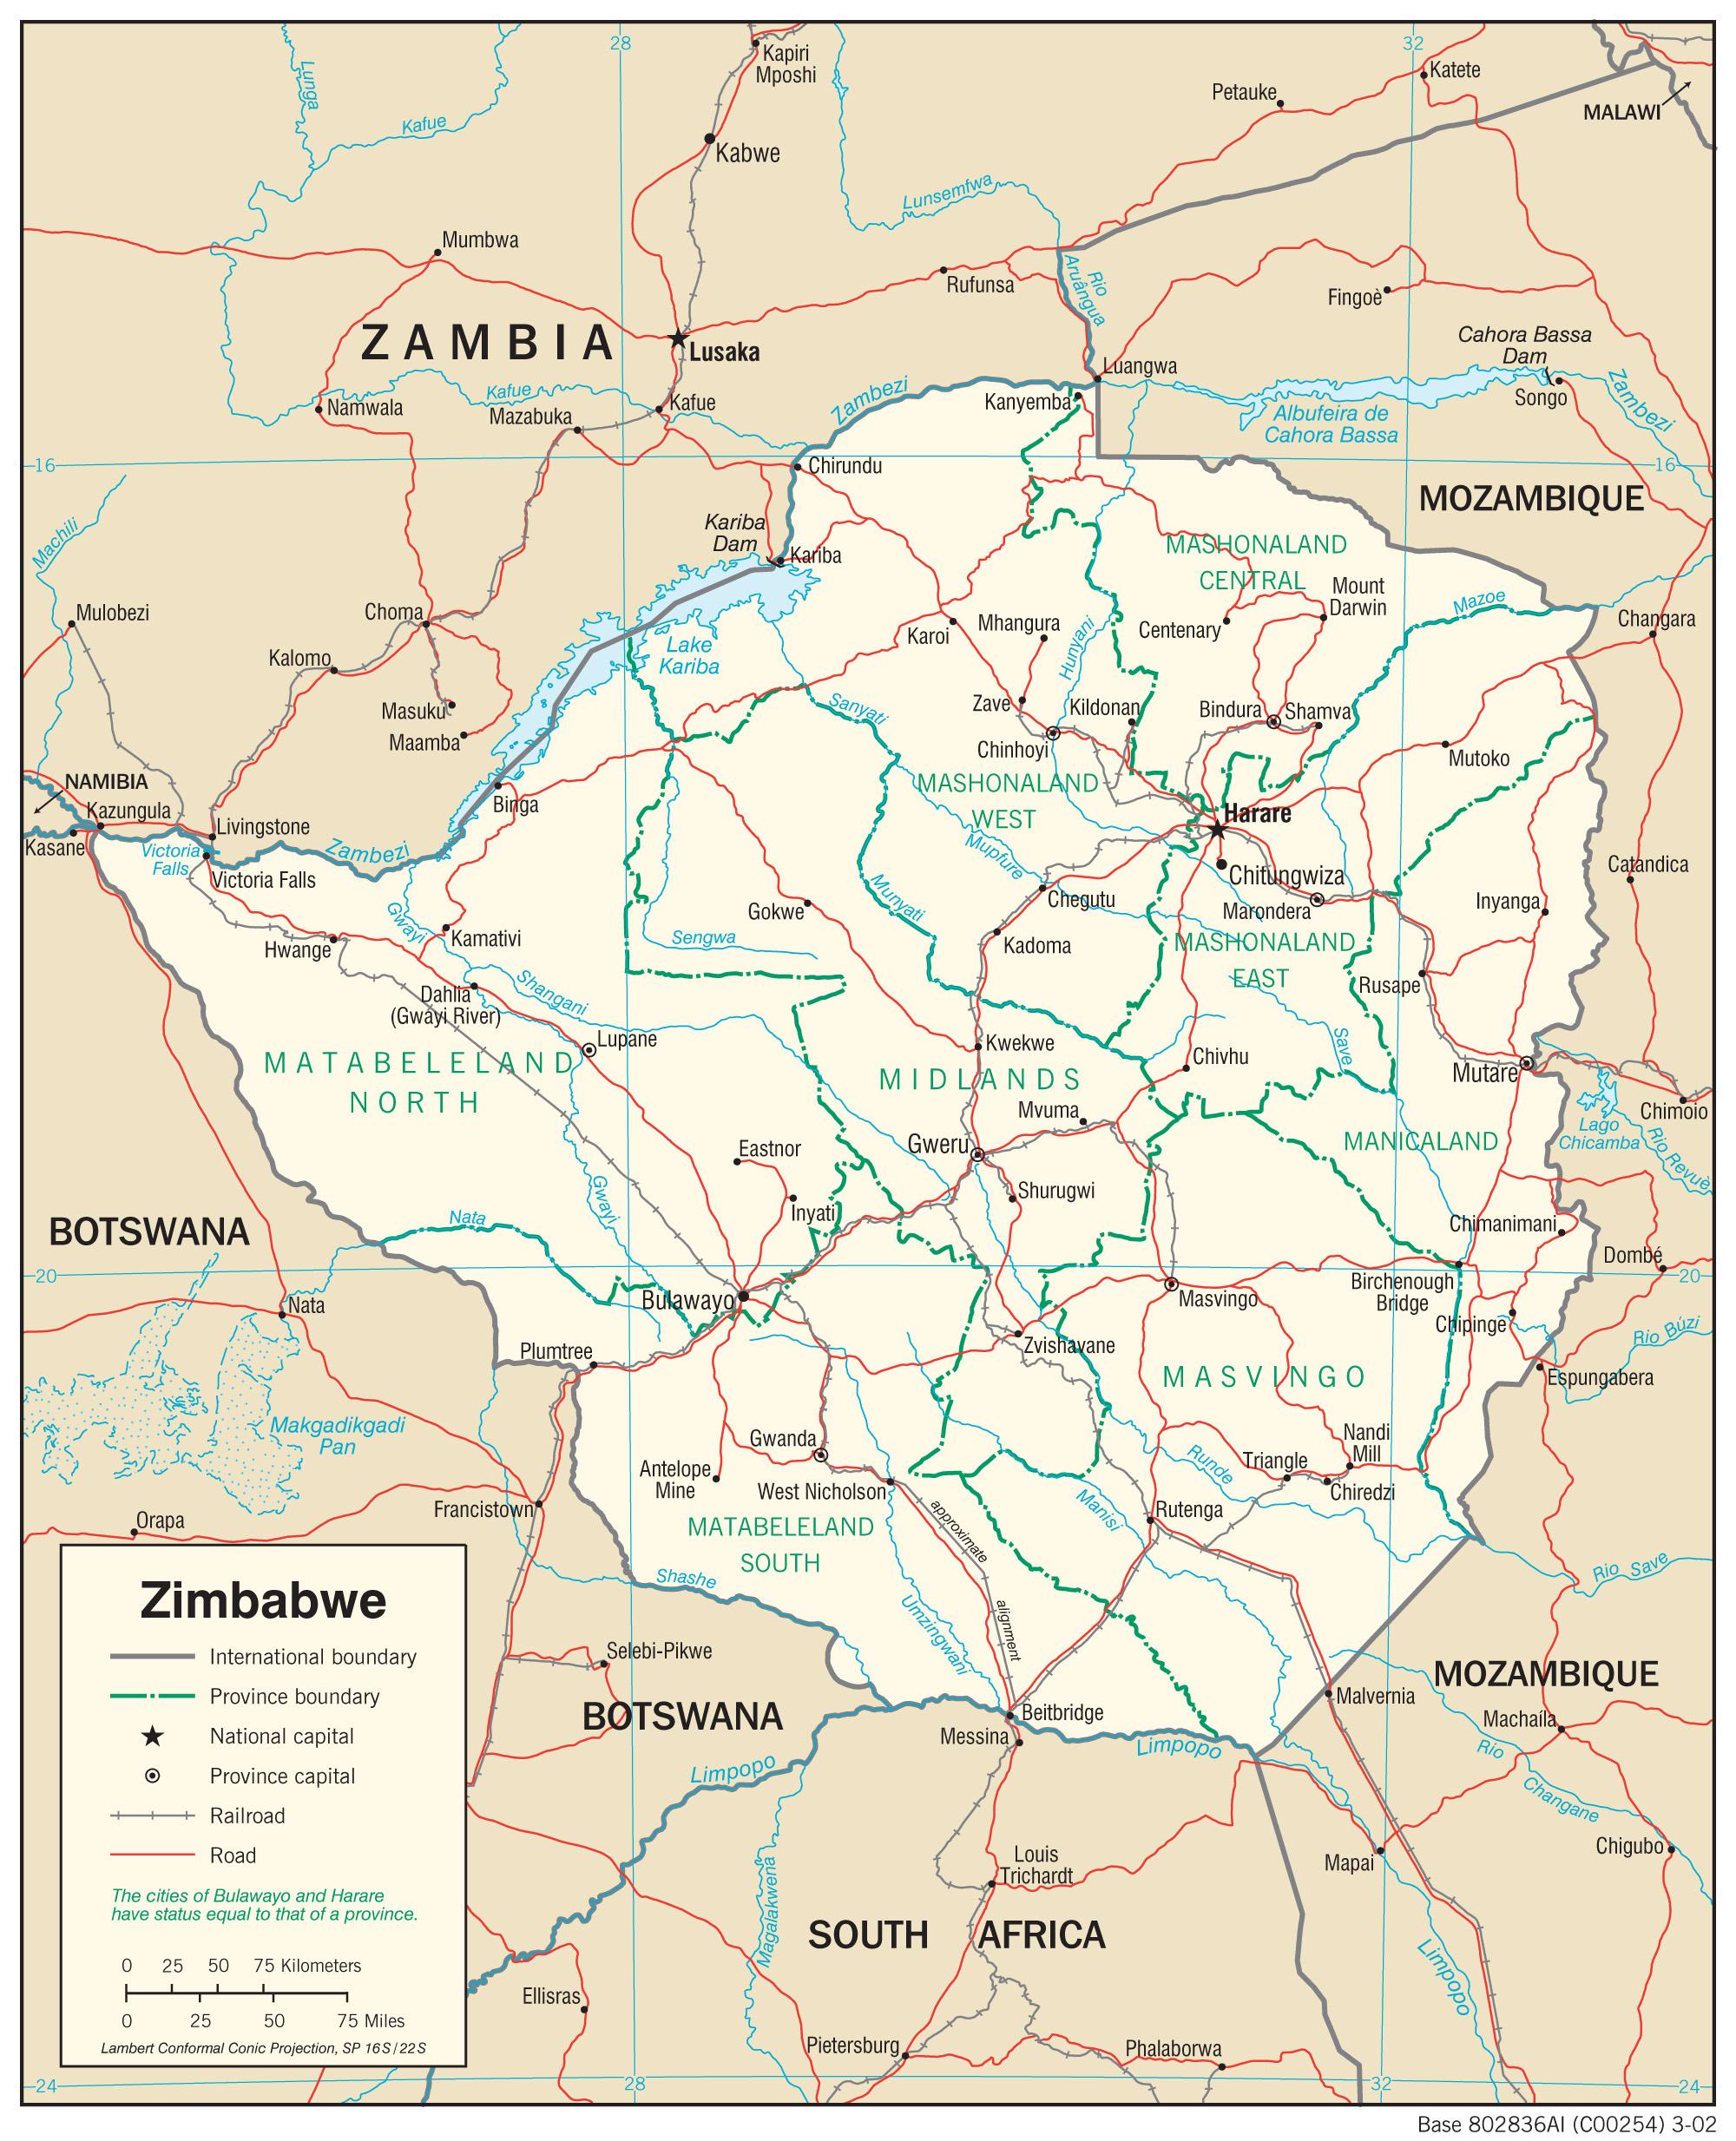 FileZimbabwe Administrative Divisionsjpg Wikimedia Commons